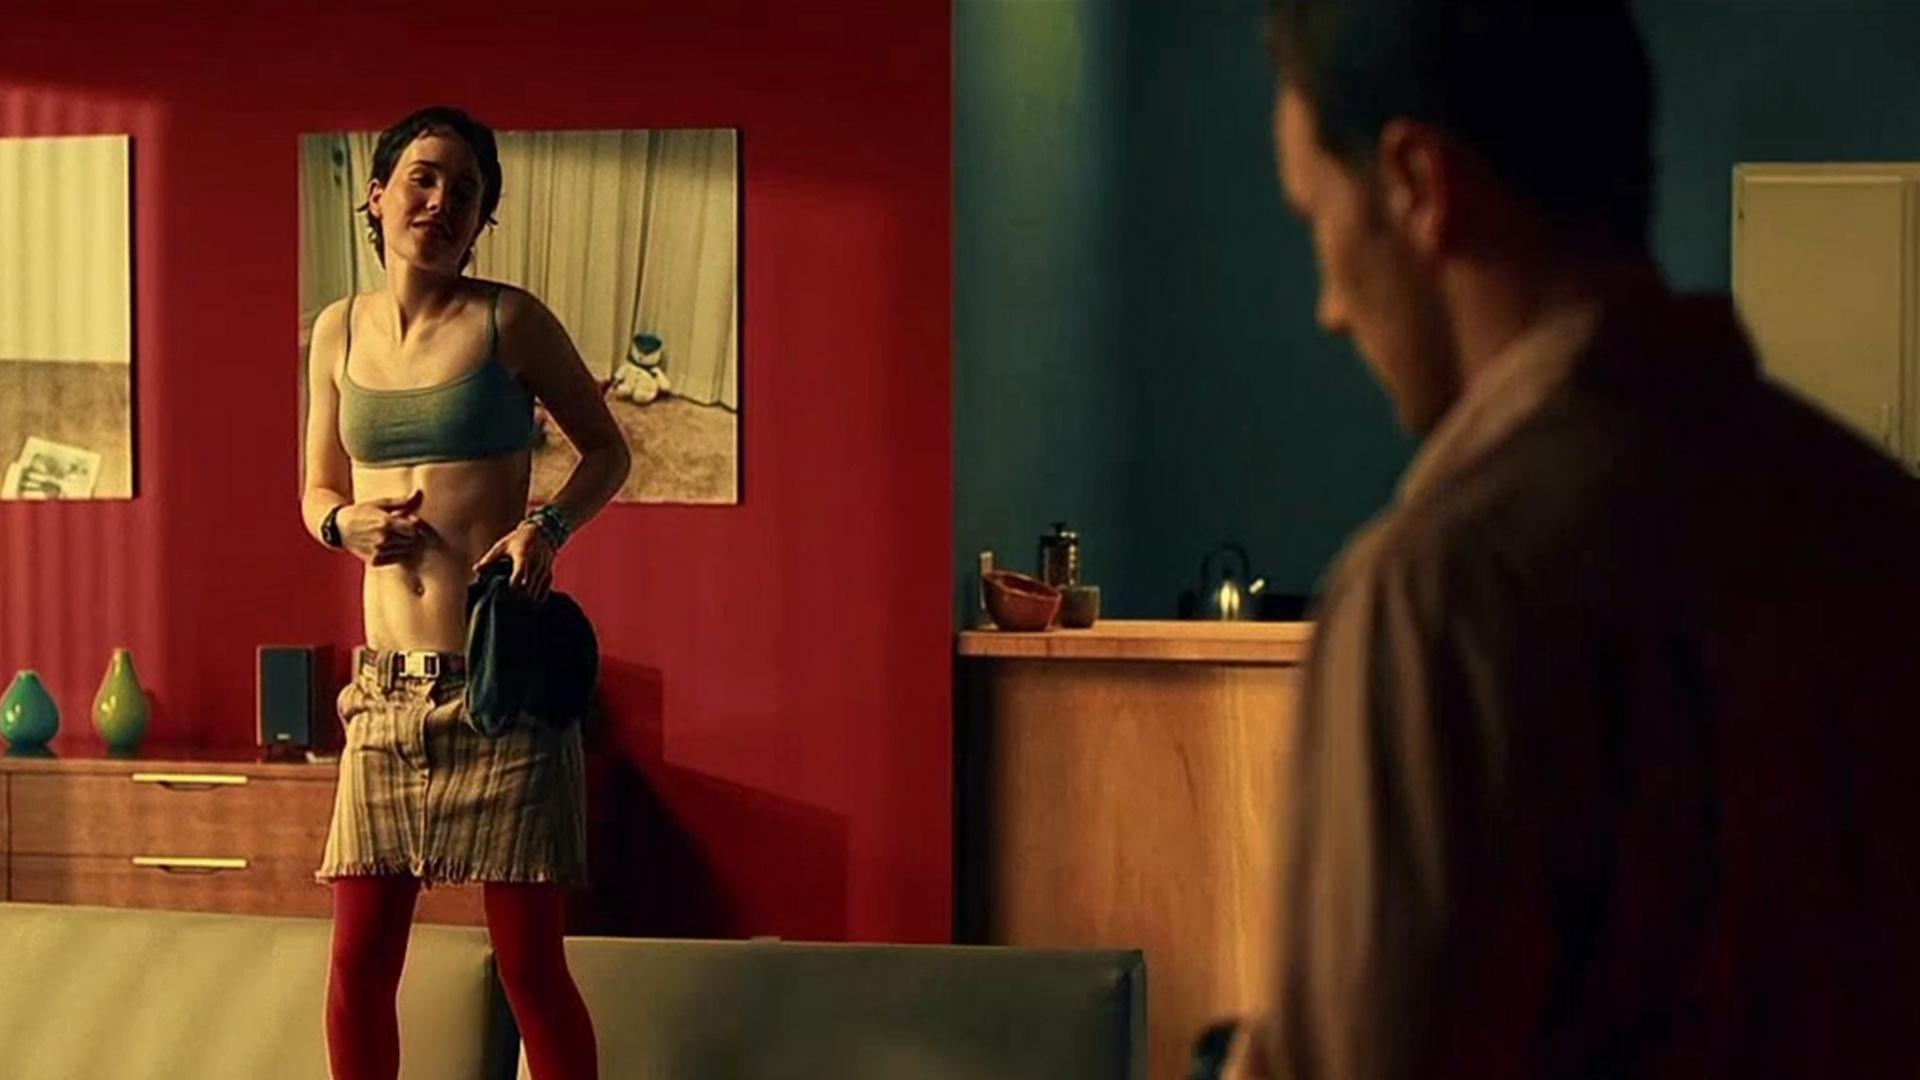 #经典看电影#14岁少女主动约大叔回家,后面发生可怕的事,男同胞看完会很疼